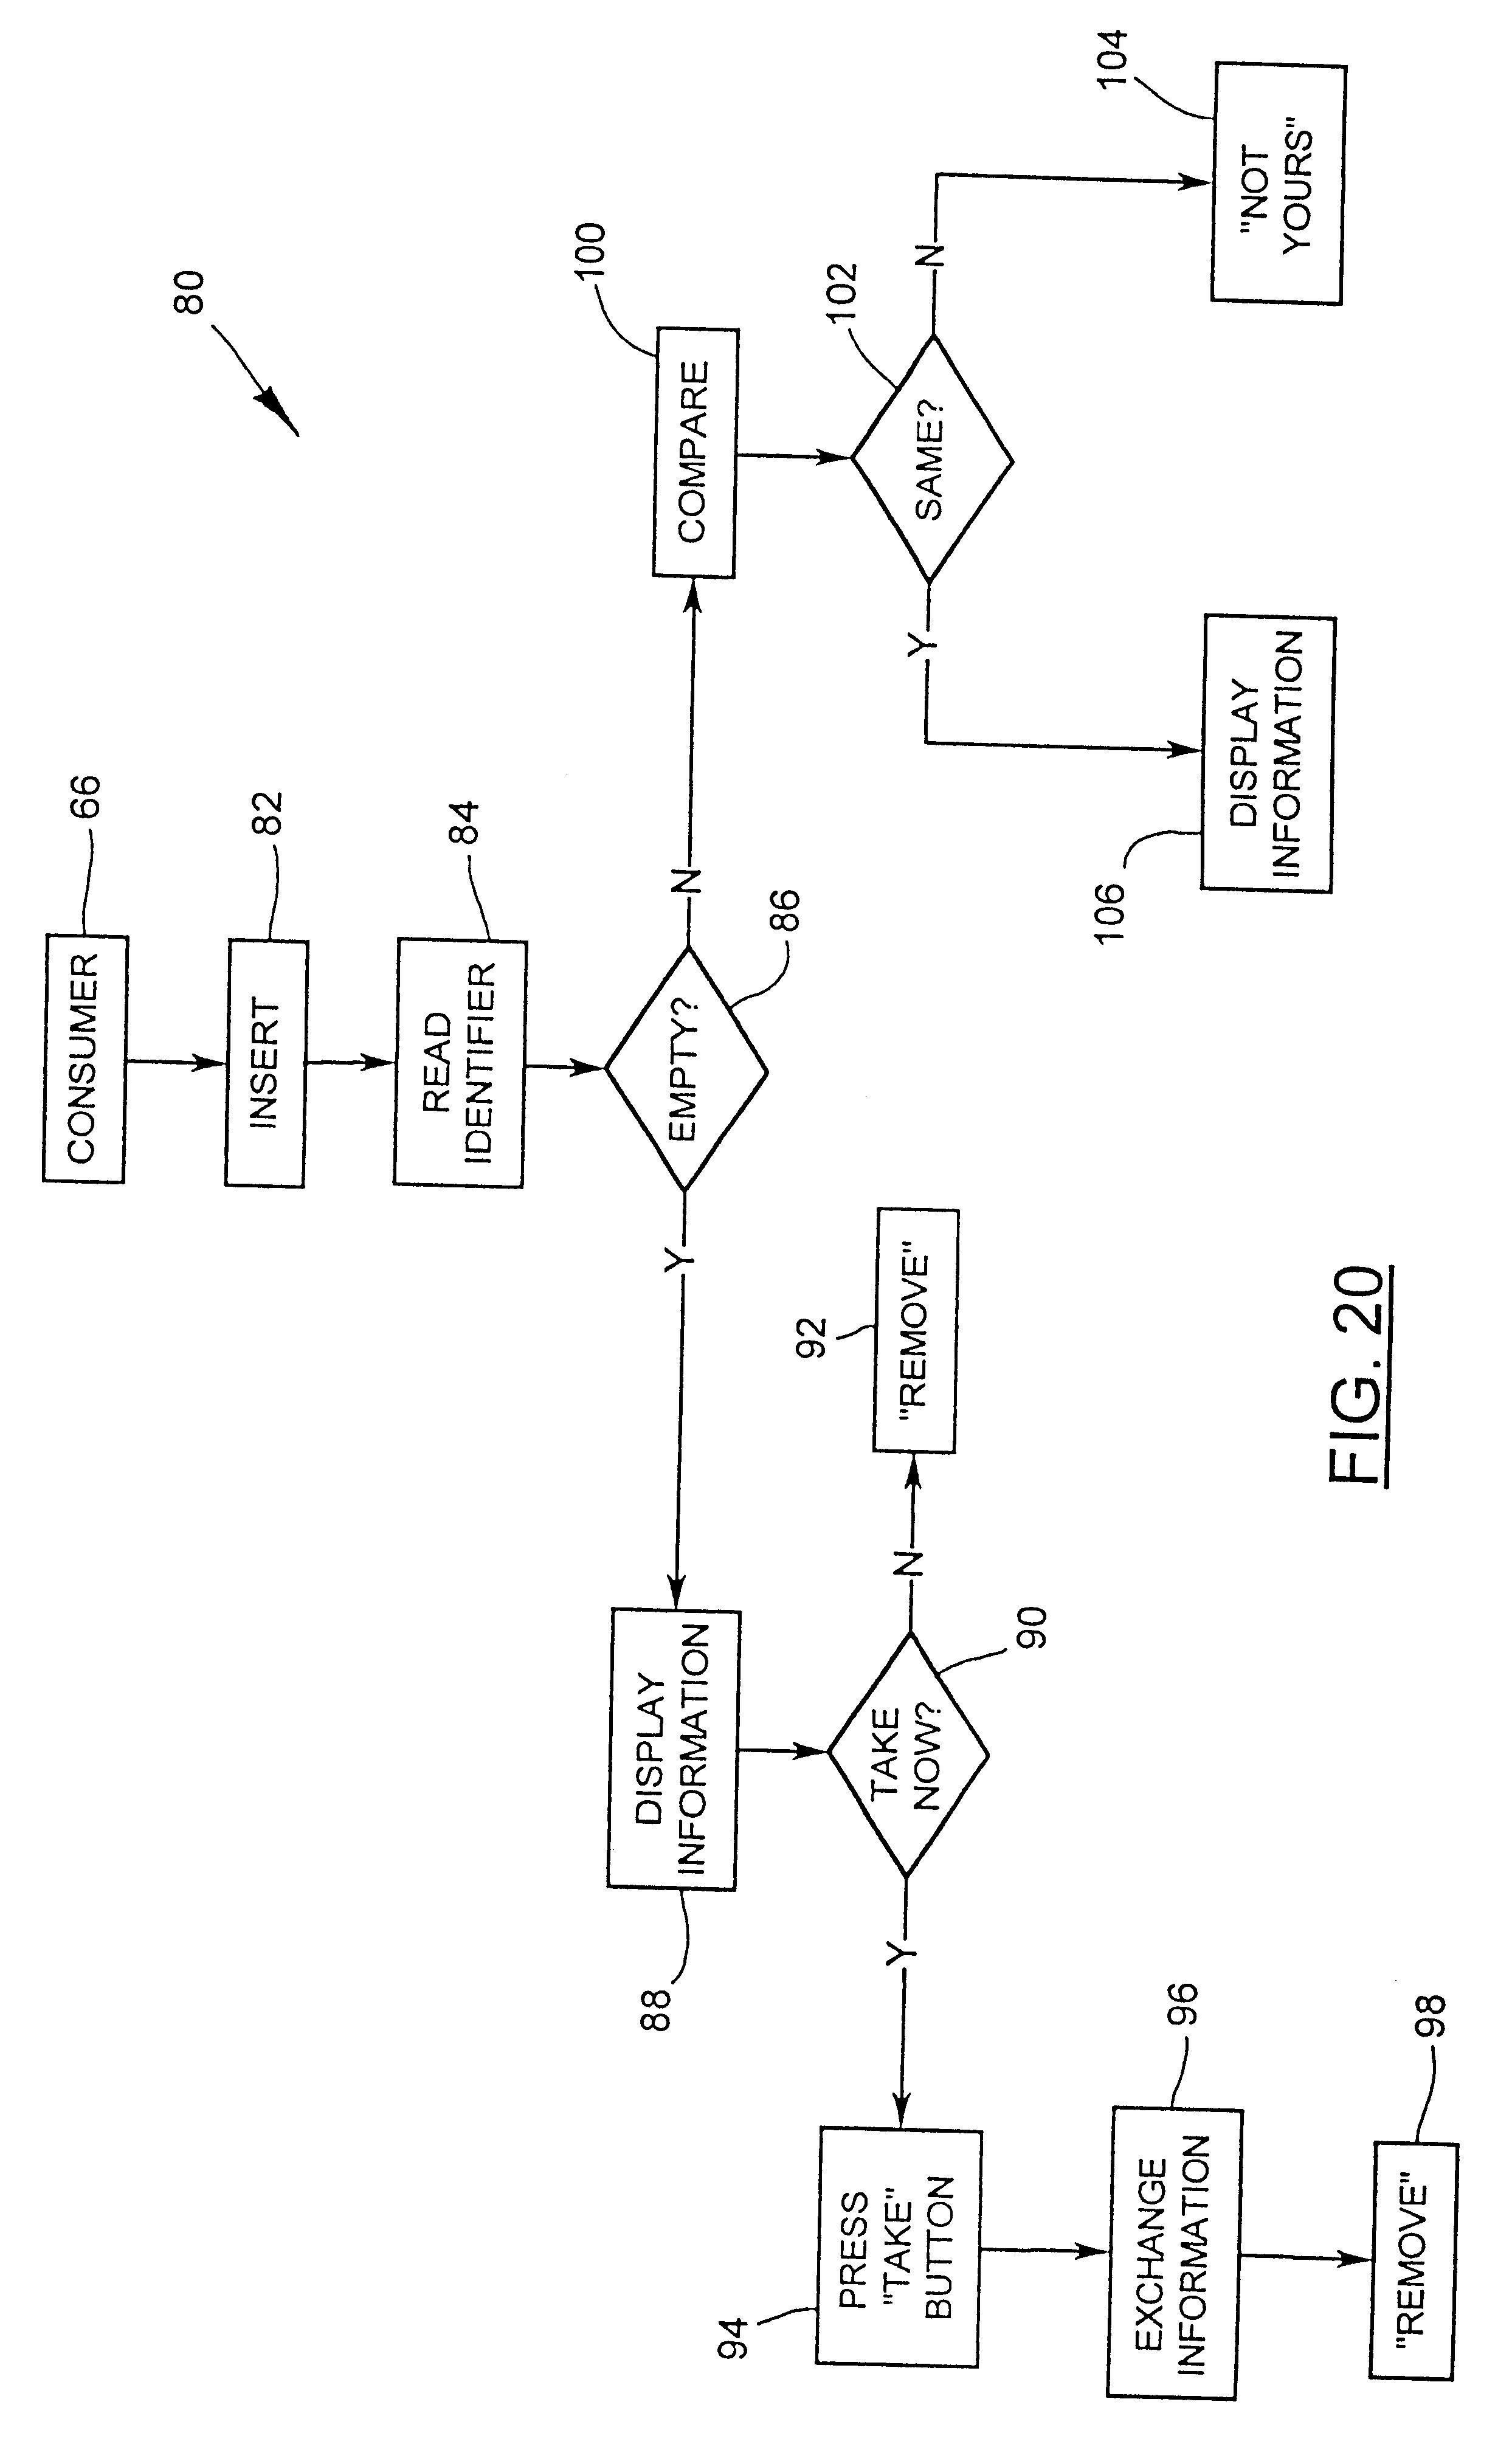 patent us6335907